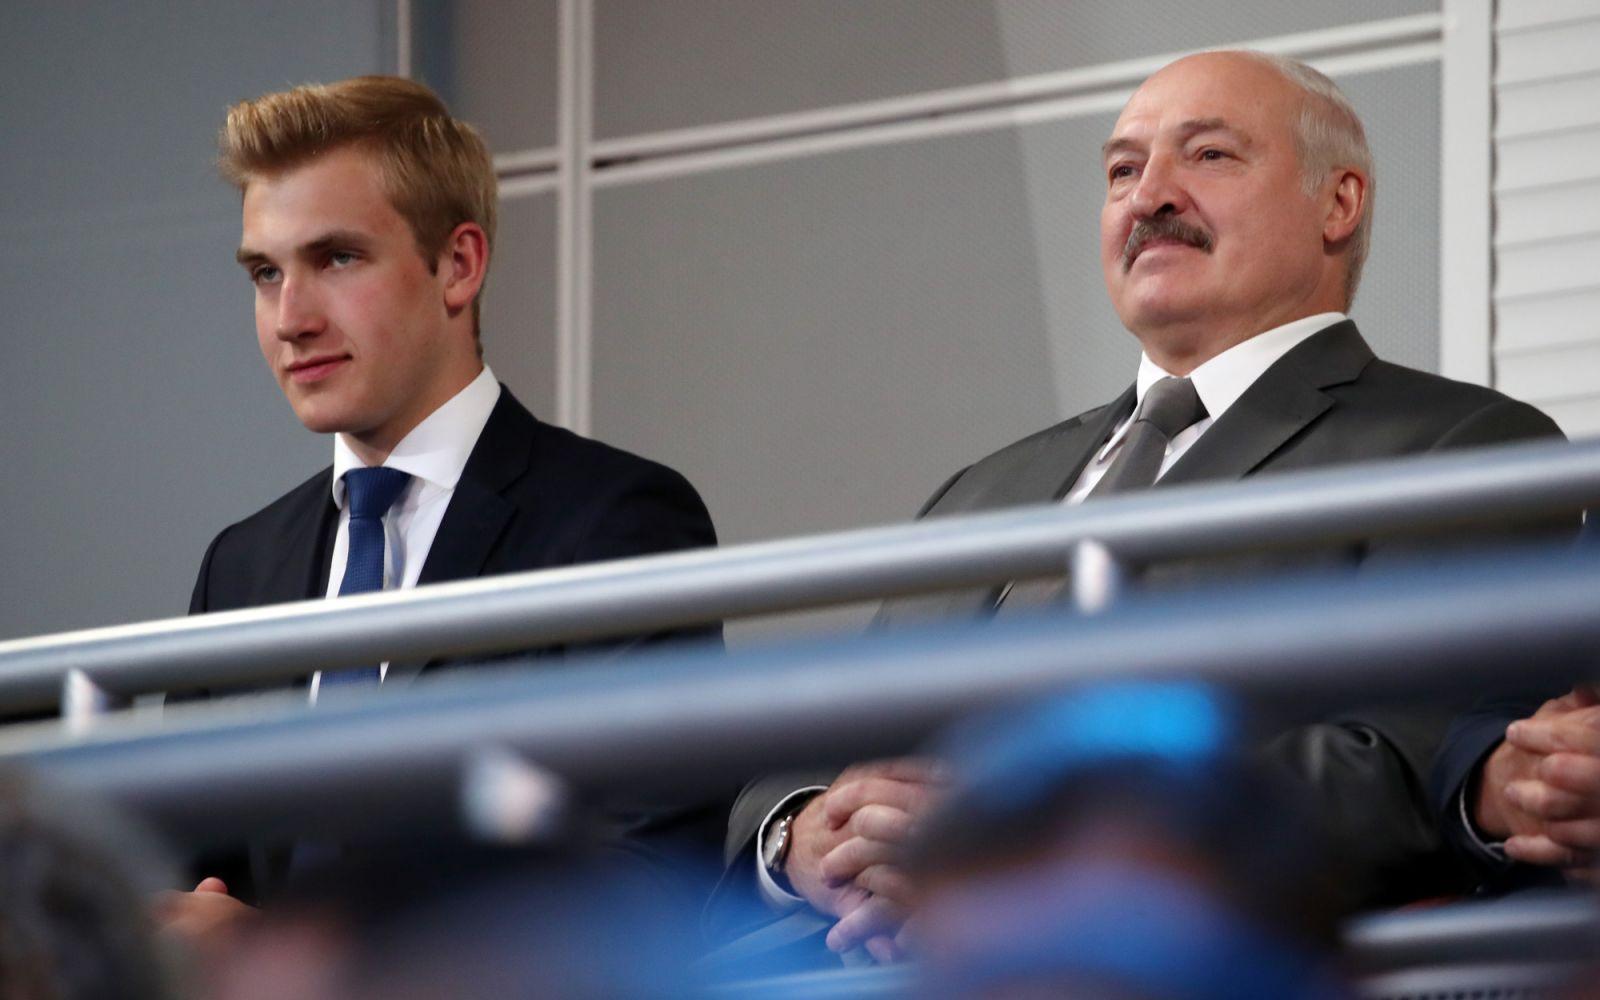 Наследник покосившегося трона. Что мы знаем о младшем сыне Лукашенко